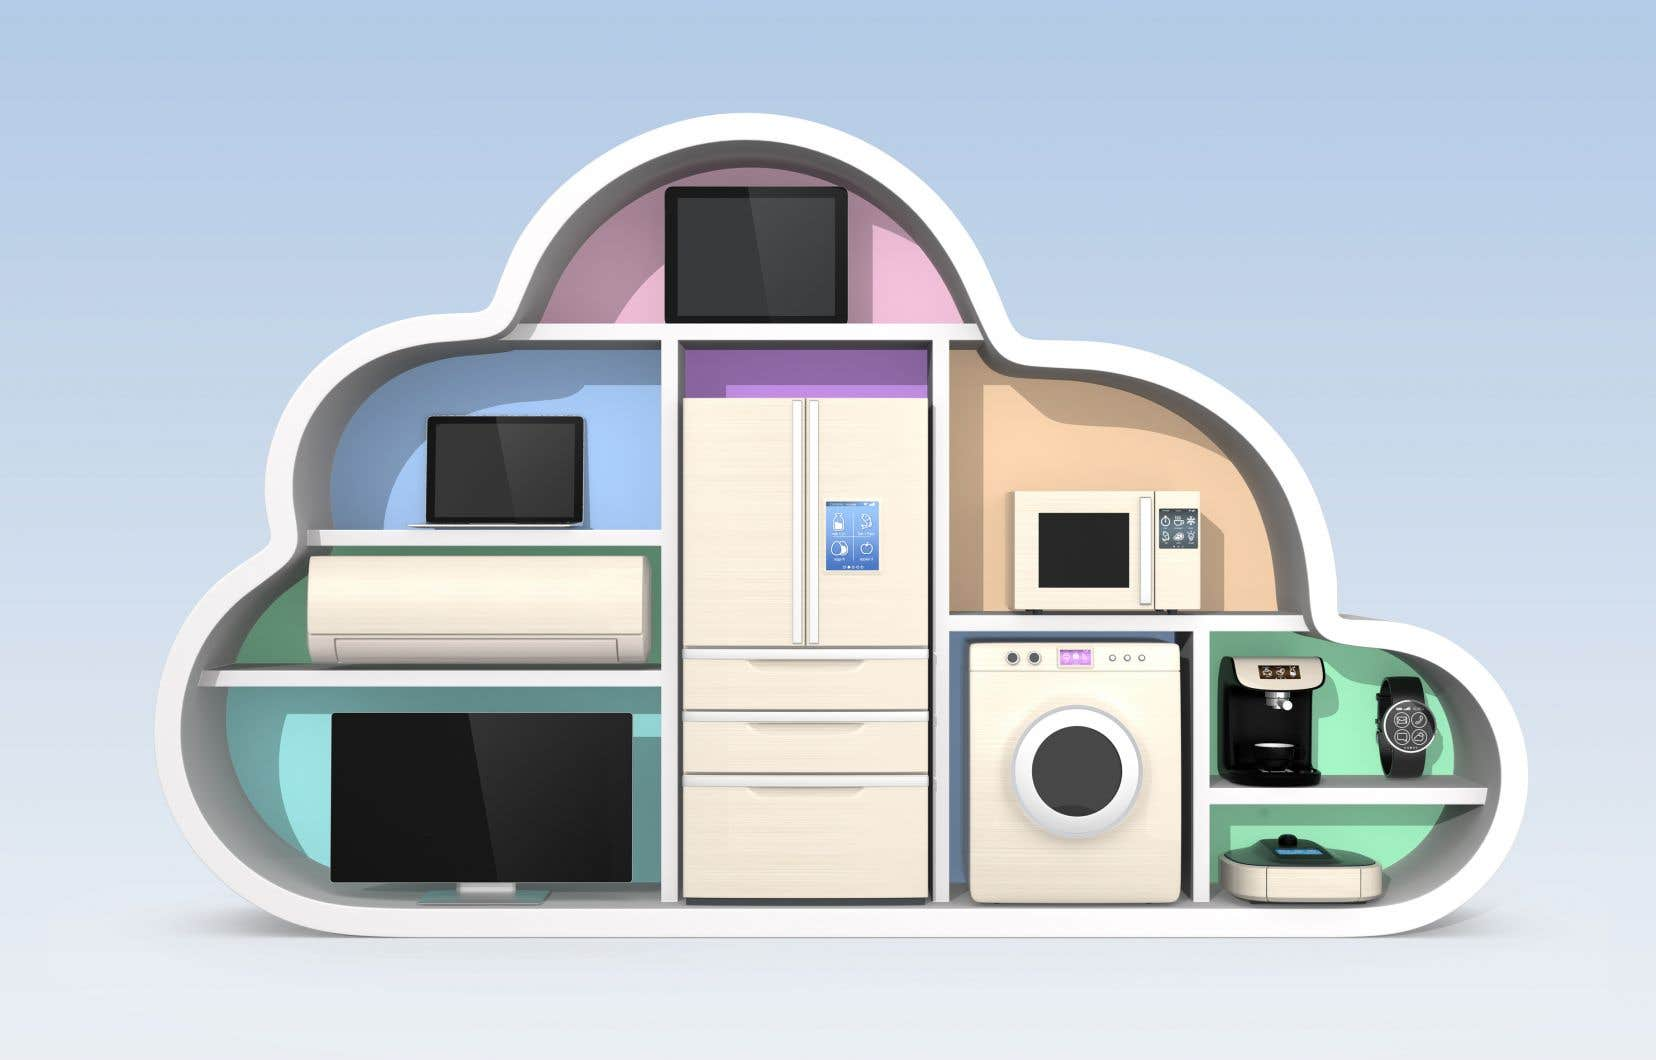 Du point de vue des consommateurs, ils sont 55% à être enthousiastes et à vouloir que ces technologies soient intégrées de manière à rendre les maisons intelligentes.